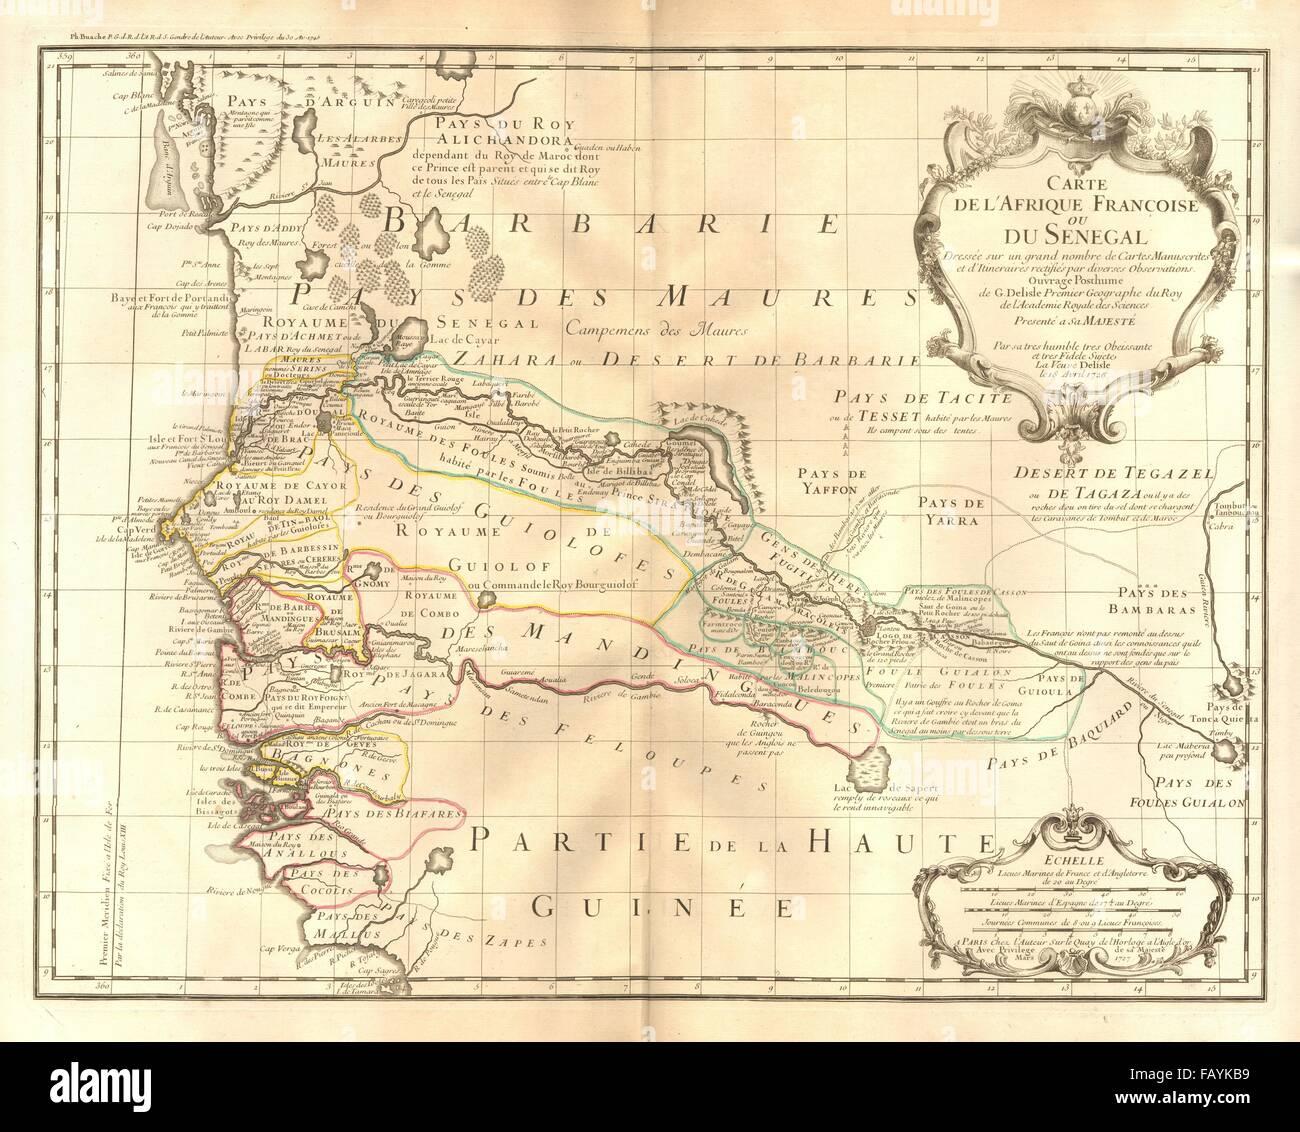 'L'Afrique Françoise ou du Senegal'. French West Africa. DE L'ISLE, 1727 map - Stock Image